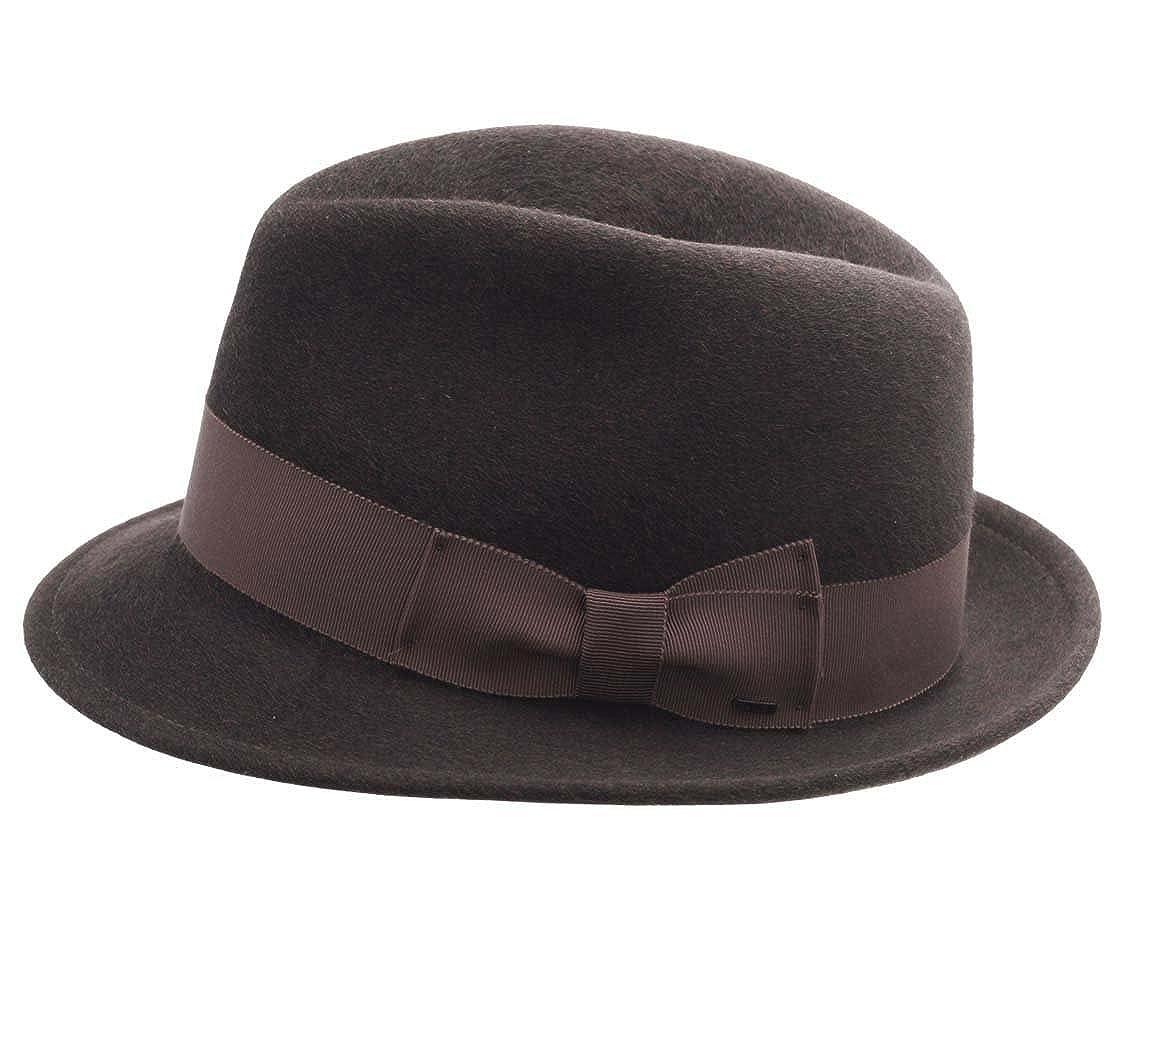 Bailey of Hollywood Riff Wool Felt Fedora Hat